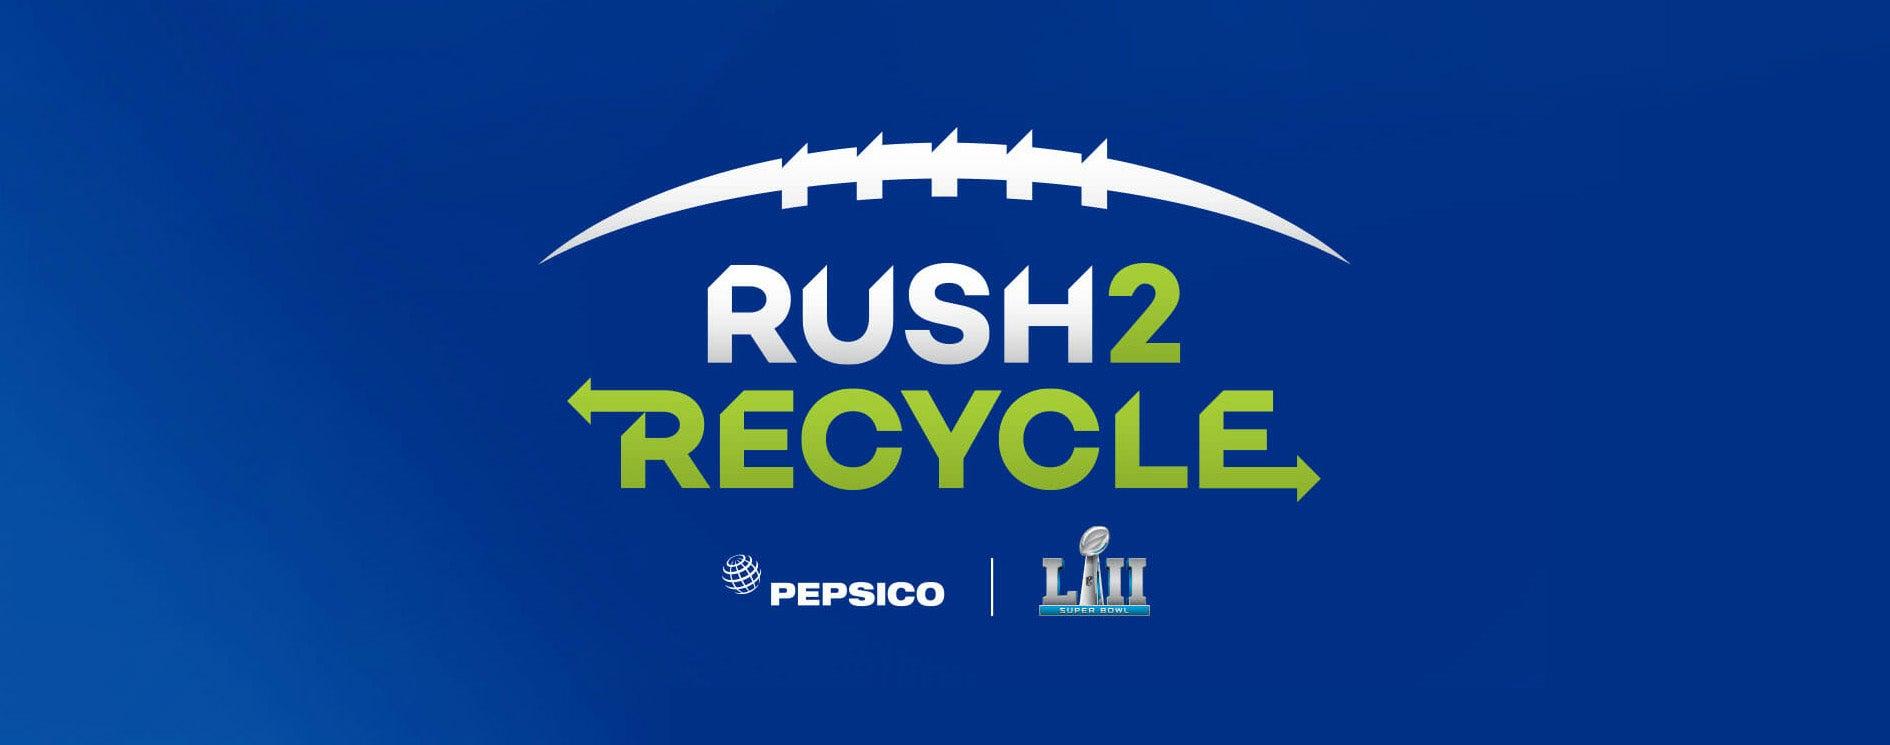 Rush2Recycle_1890x745.jpg